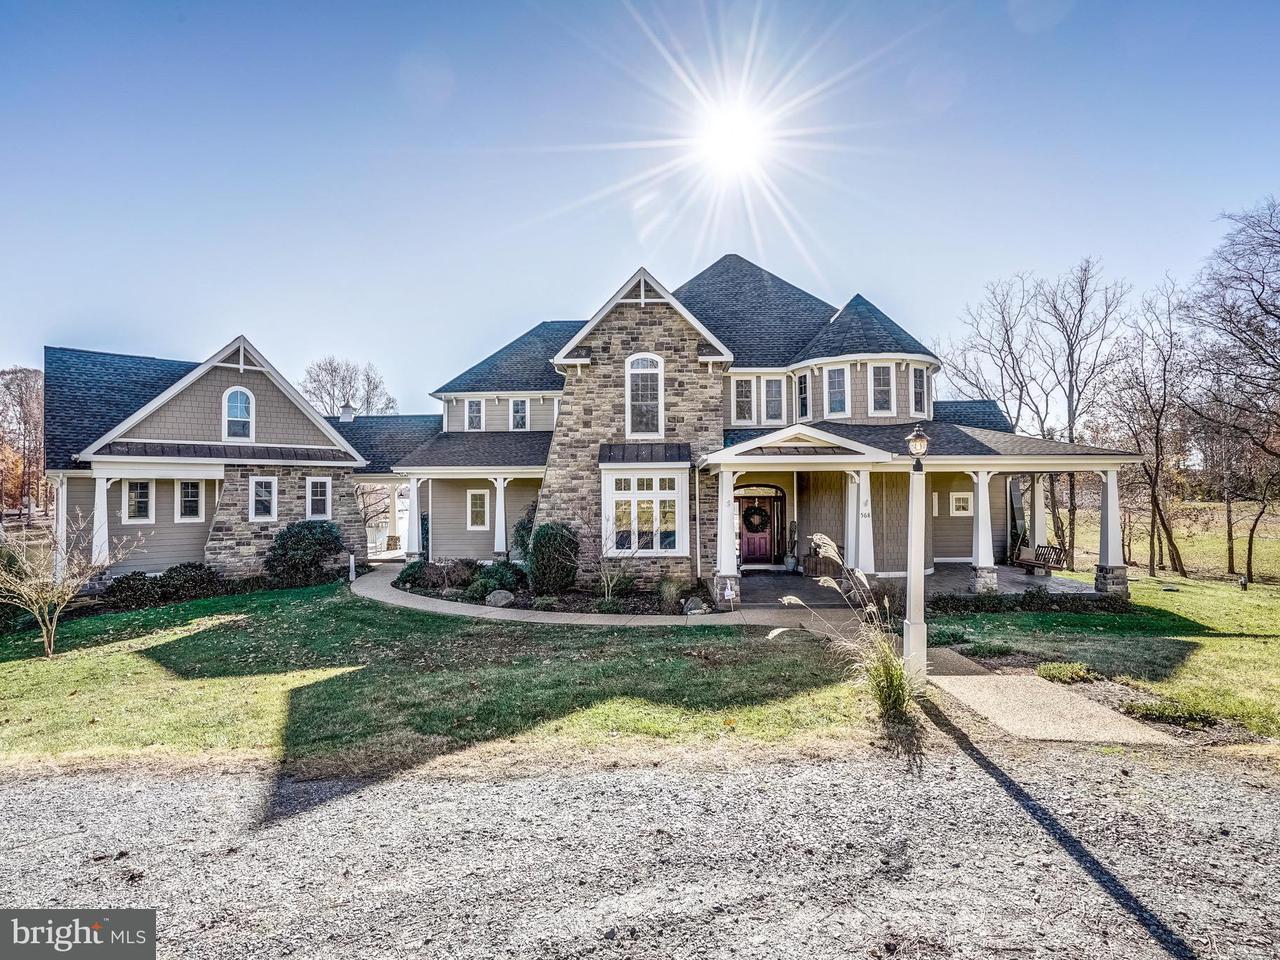 独户住宅 为 销售 在 568 BURRUSS MILL Road 568 BURRUSS MILL Road Bumpass, 弗吉尼亚州 23024 美国